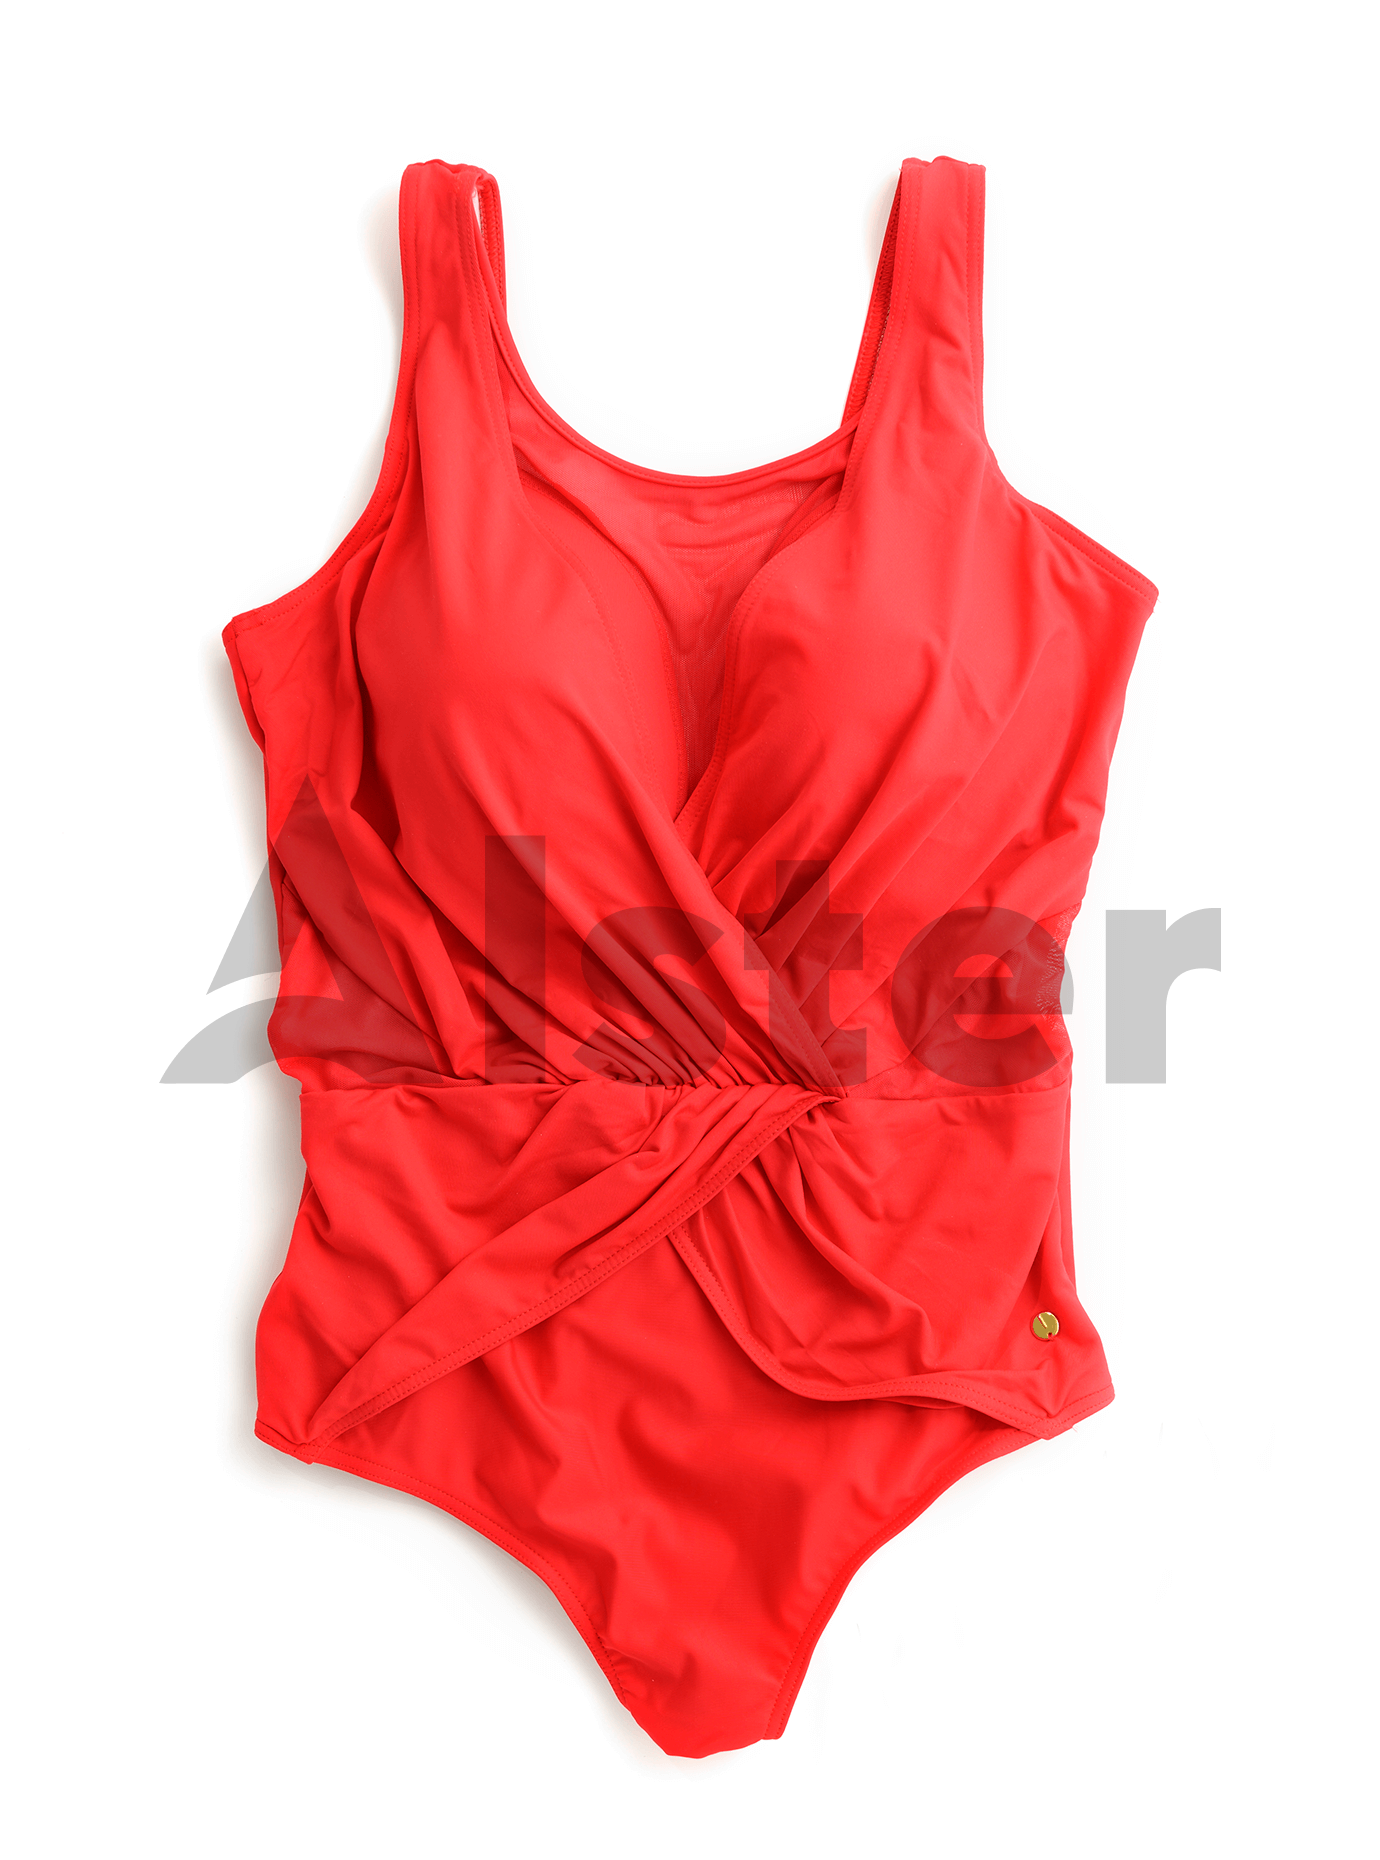 Сдельный купальник с драпировкой и сеткой Красный 2XL (01-K190364): фото - Alster.ua